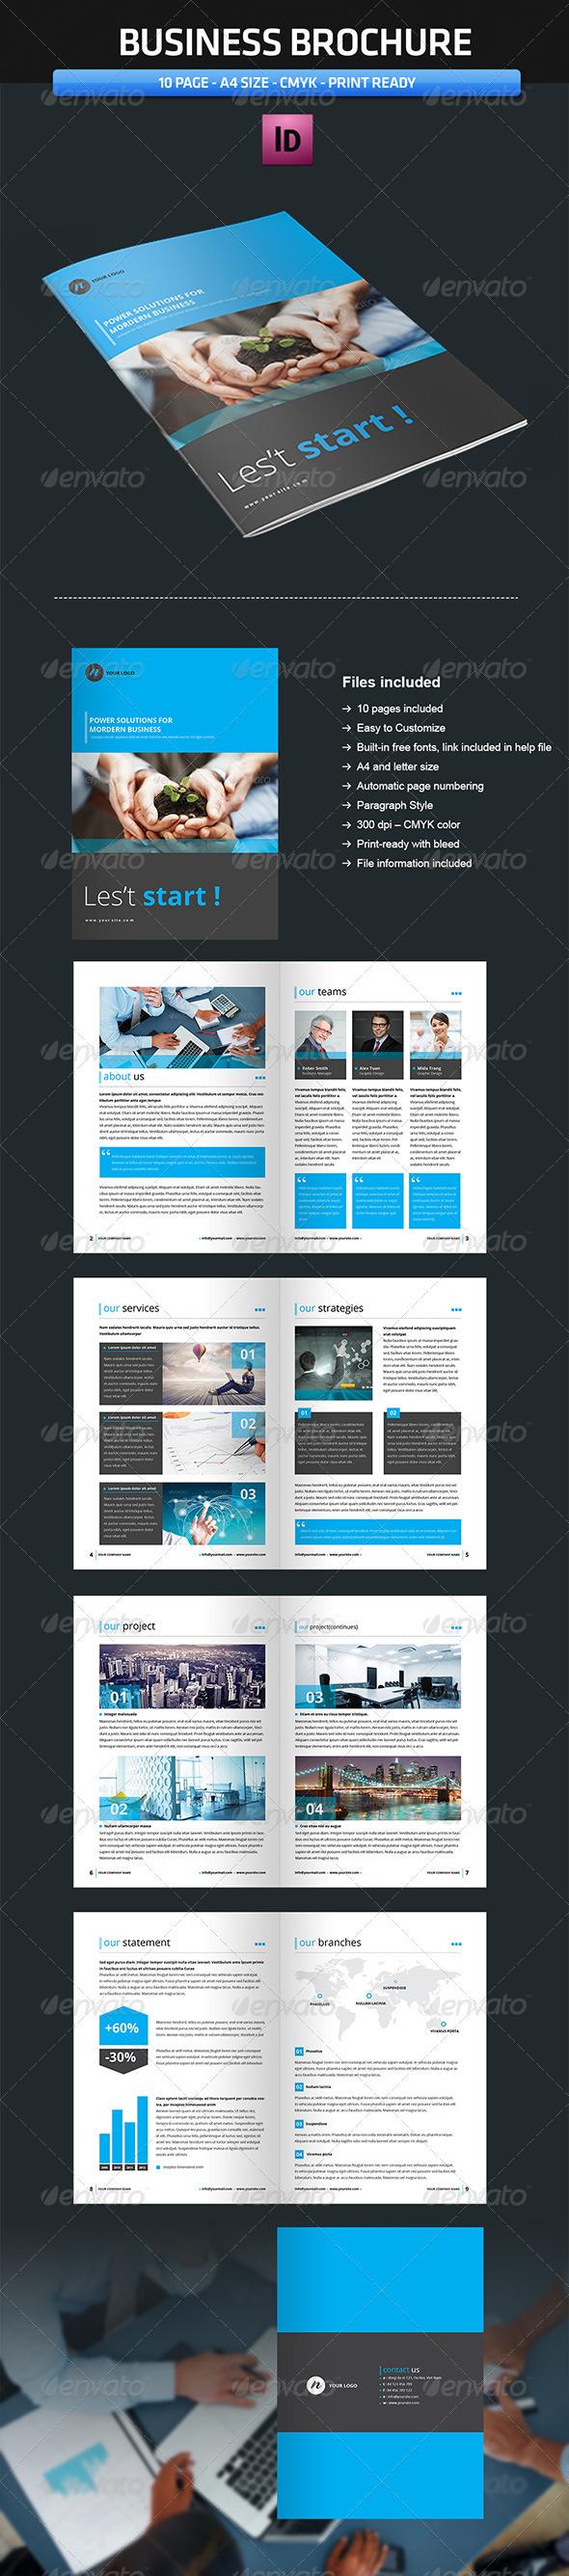 Business Brochure (Vol2) - Corporate Brochures